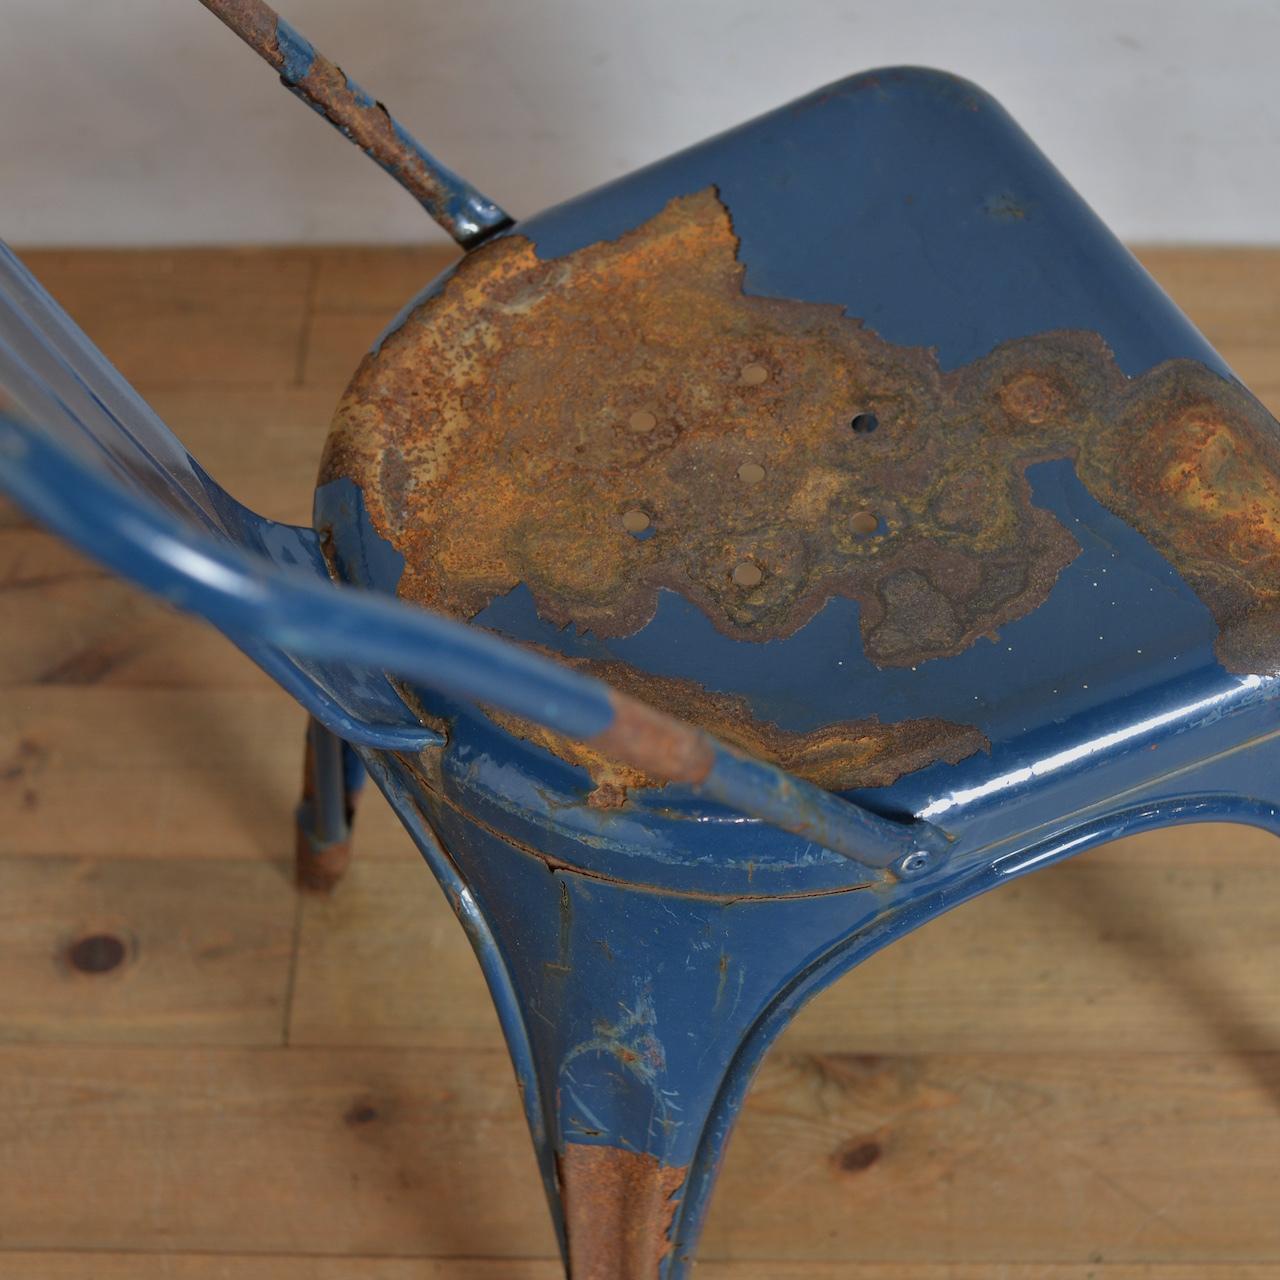 Iron Chair / アイアン チェア 【A】 〈インダストリアル・ガーデニング・ダイニングチェア・店舗什器〉AL1910-0004